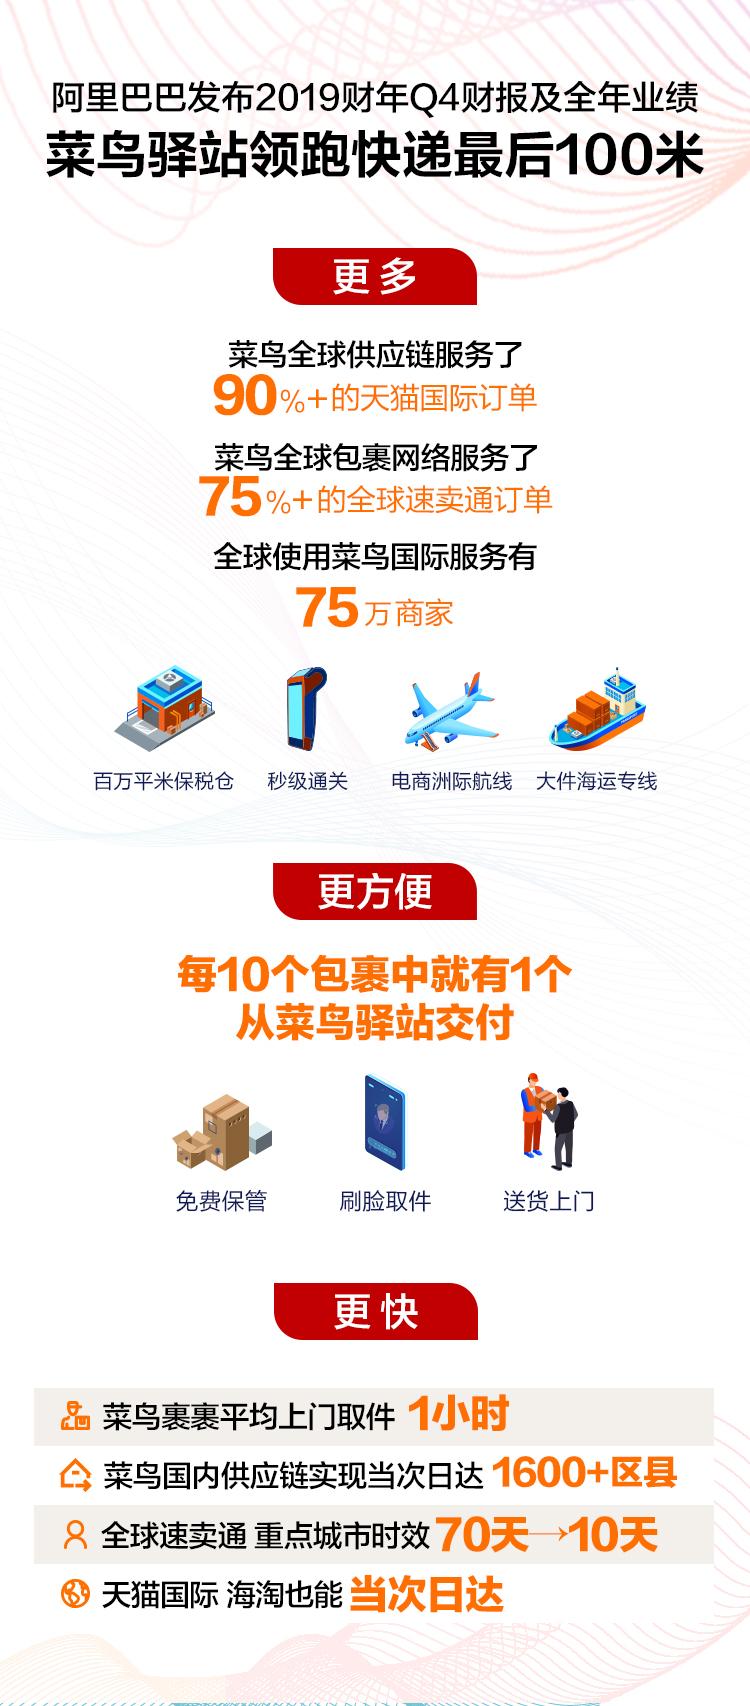 阿里财报:菜鸟全球网络持续领先 送出速卖通近8成包裹